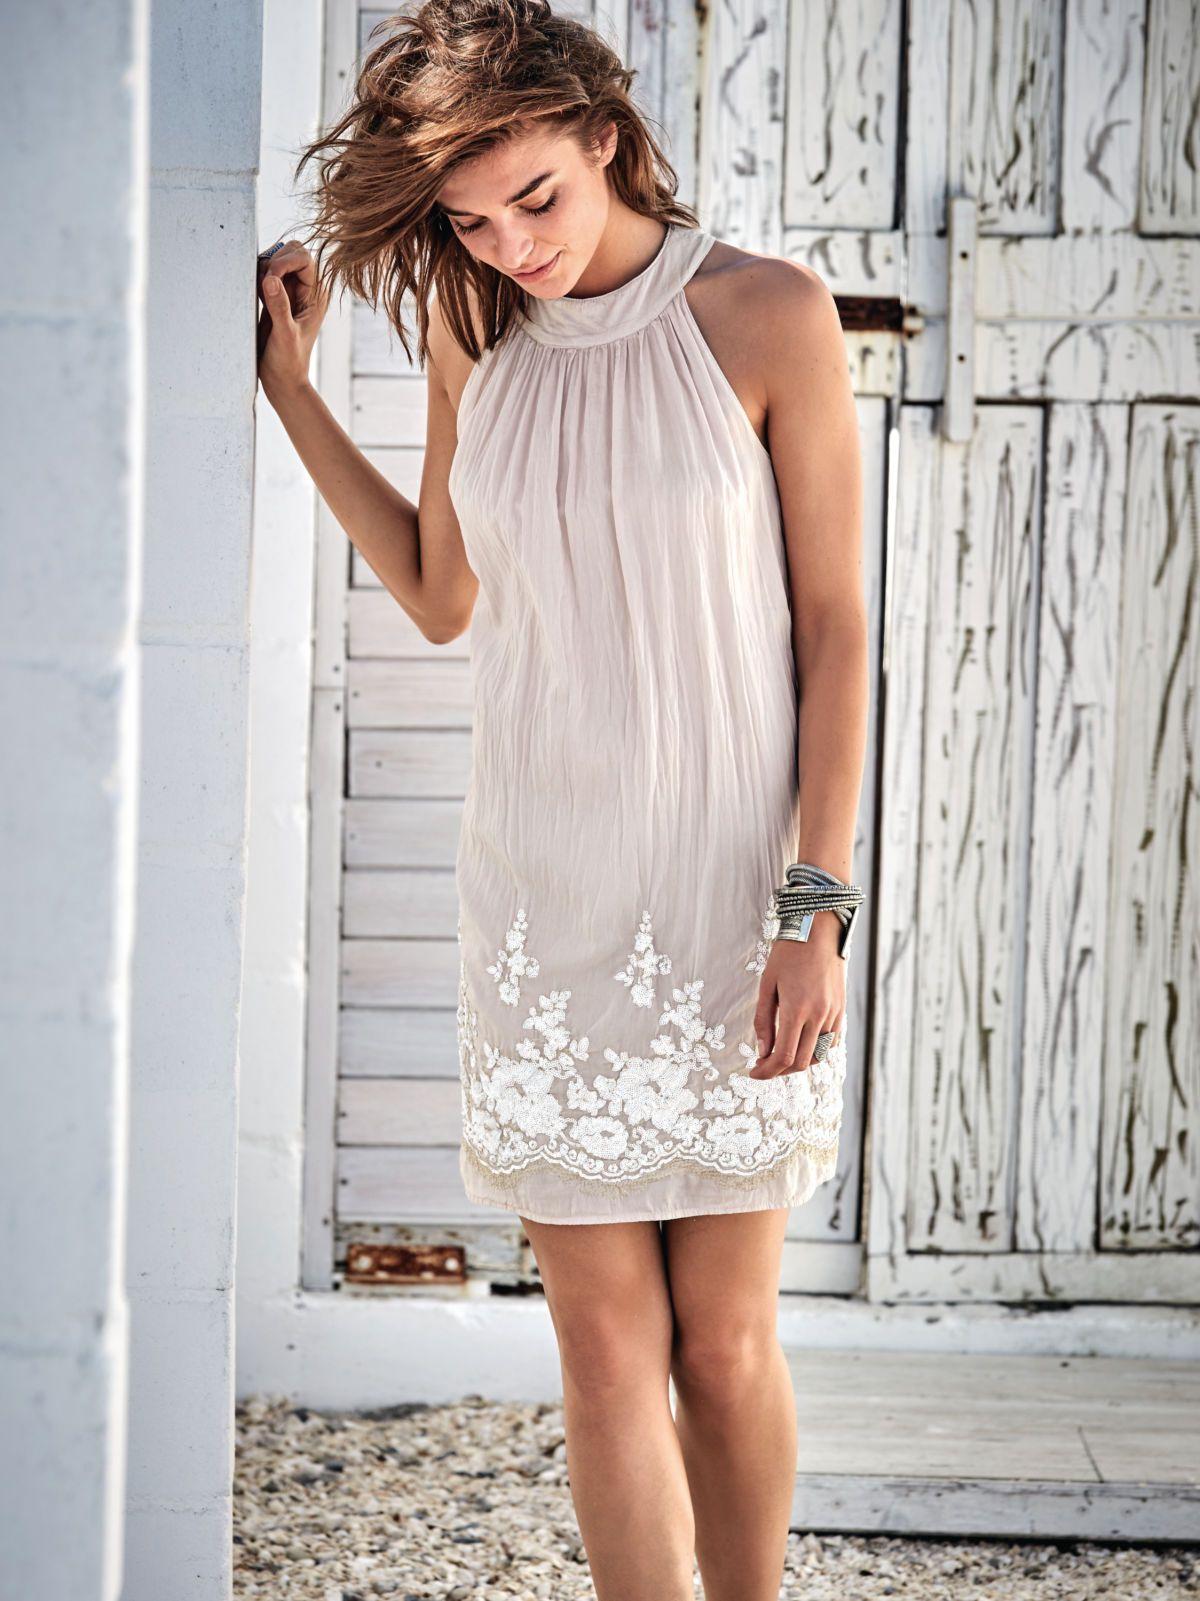 Wir lieben Rosè - vor allem als Hochzeitsgast. Mit diesem Kleid ...